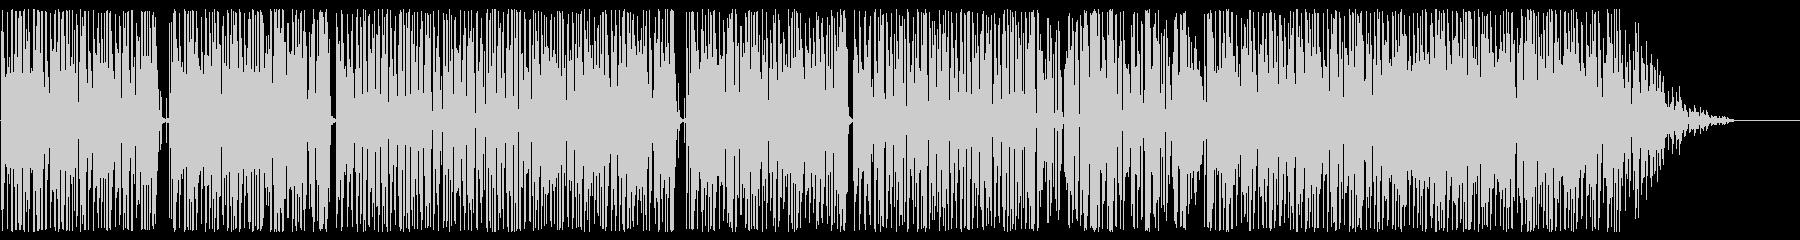 ヒップホップ楽器。オーケストラと溝...の未再生の波形